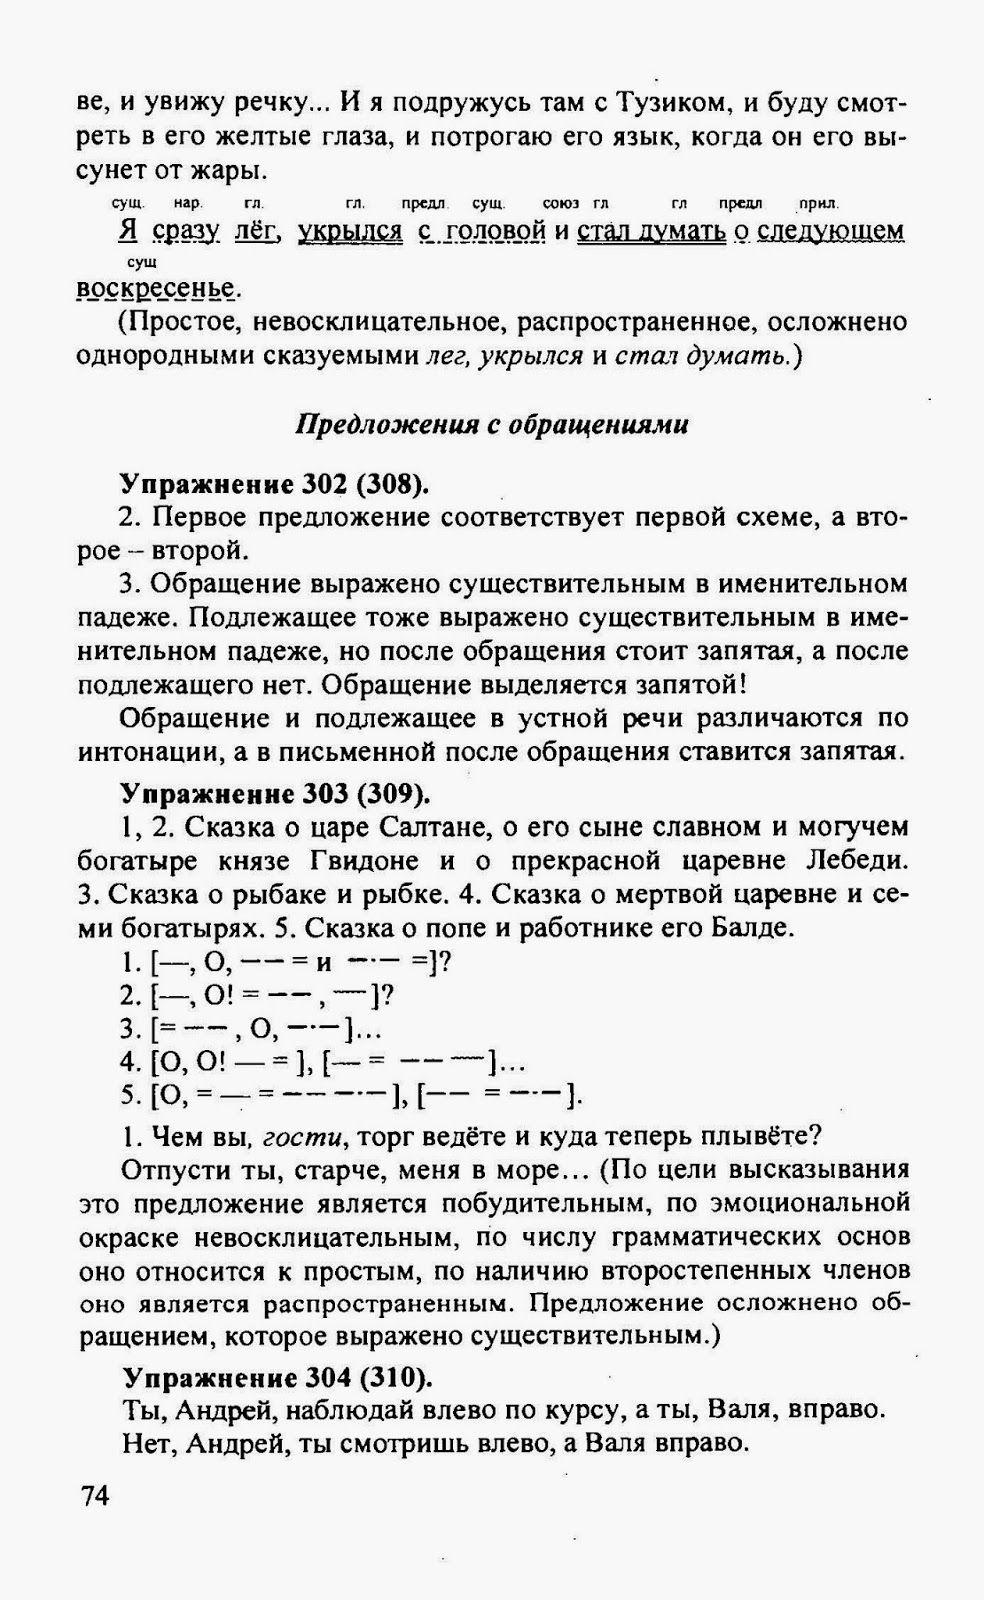 Амелия беделия часть 2 перевод в учебнике энджой инглиш без регестравции